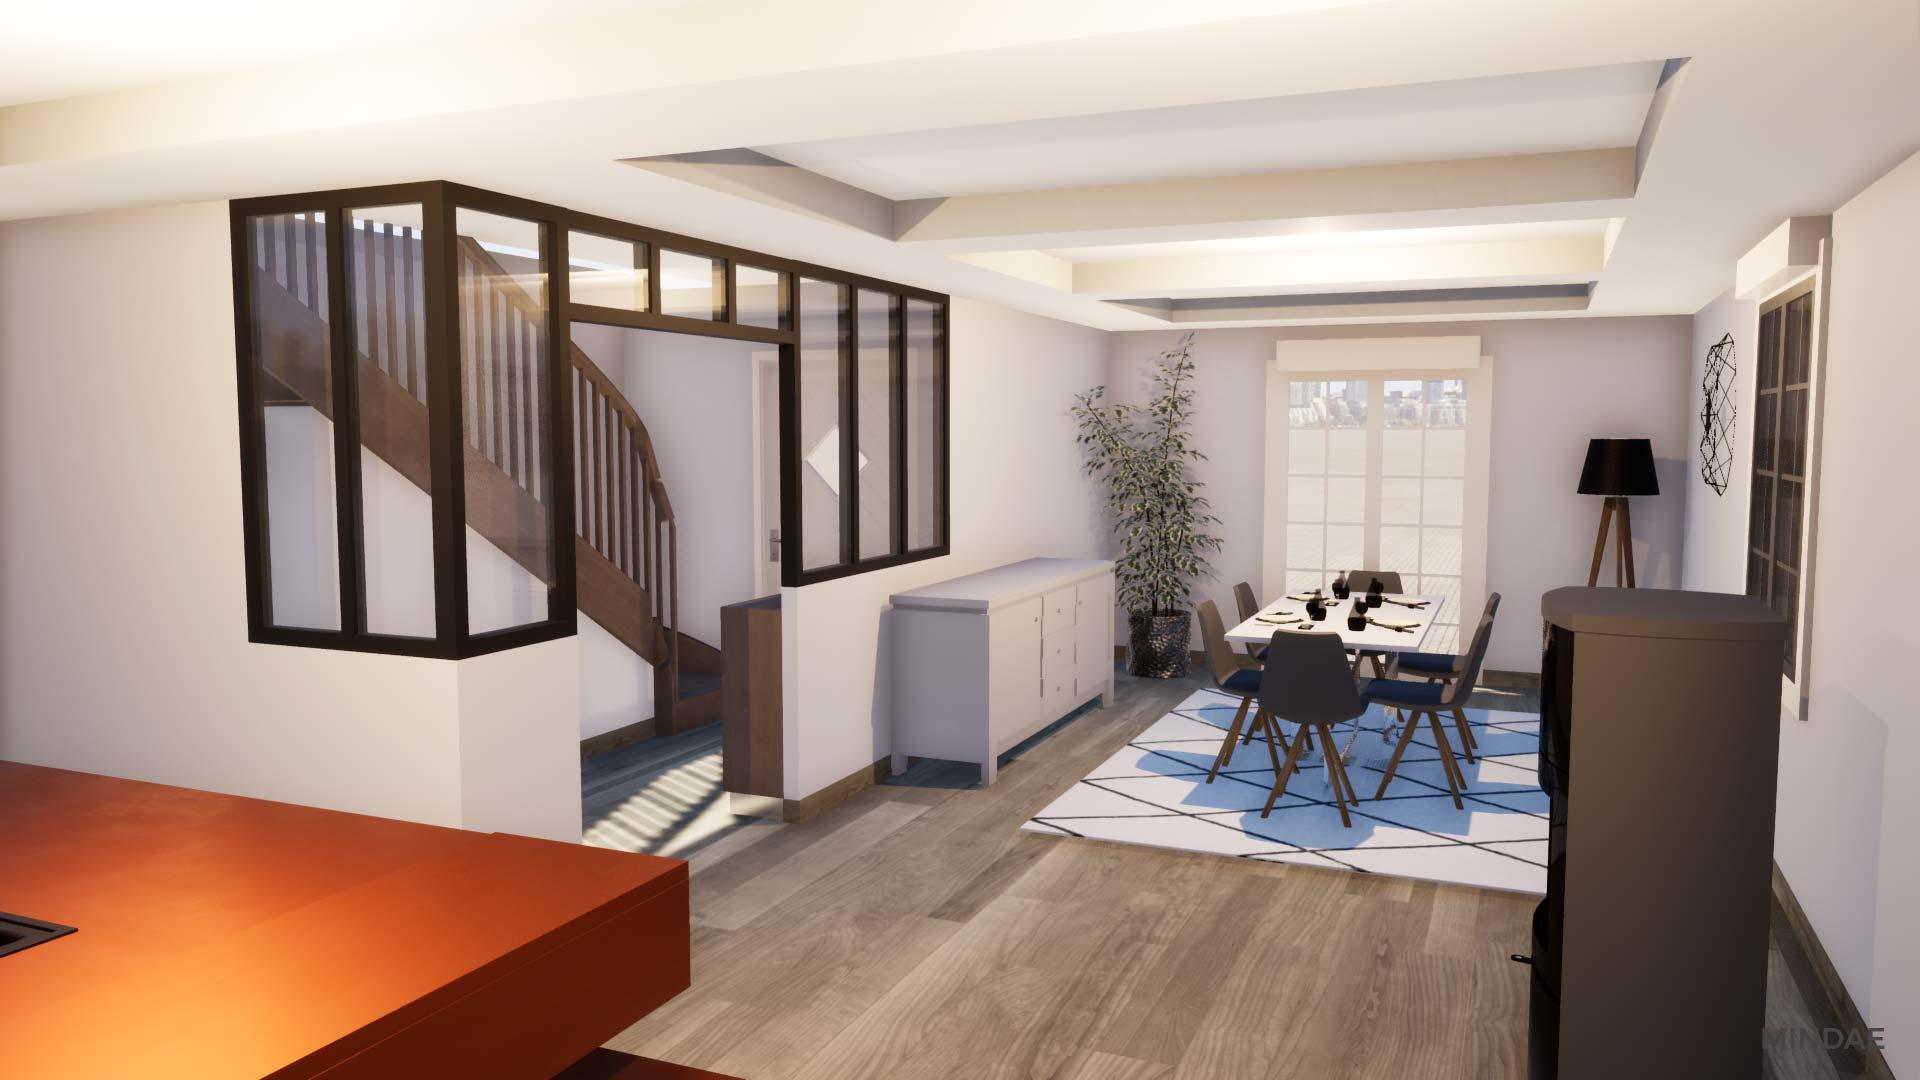 Mindae_3D_maison_salon_verriere_metal_test_agencement_design_cuisine_entree-(3)